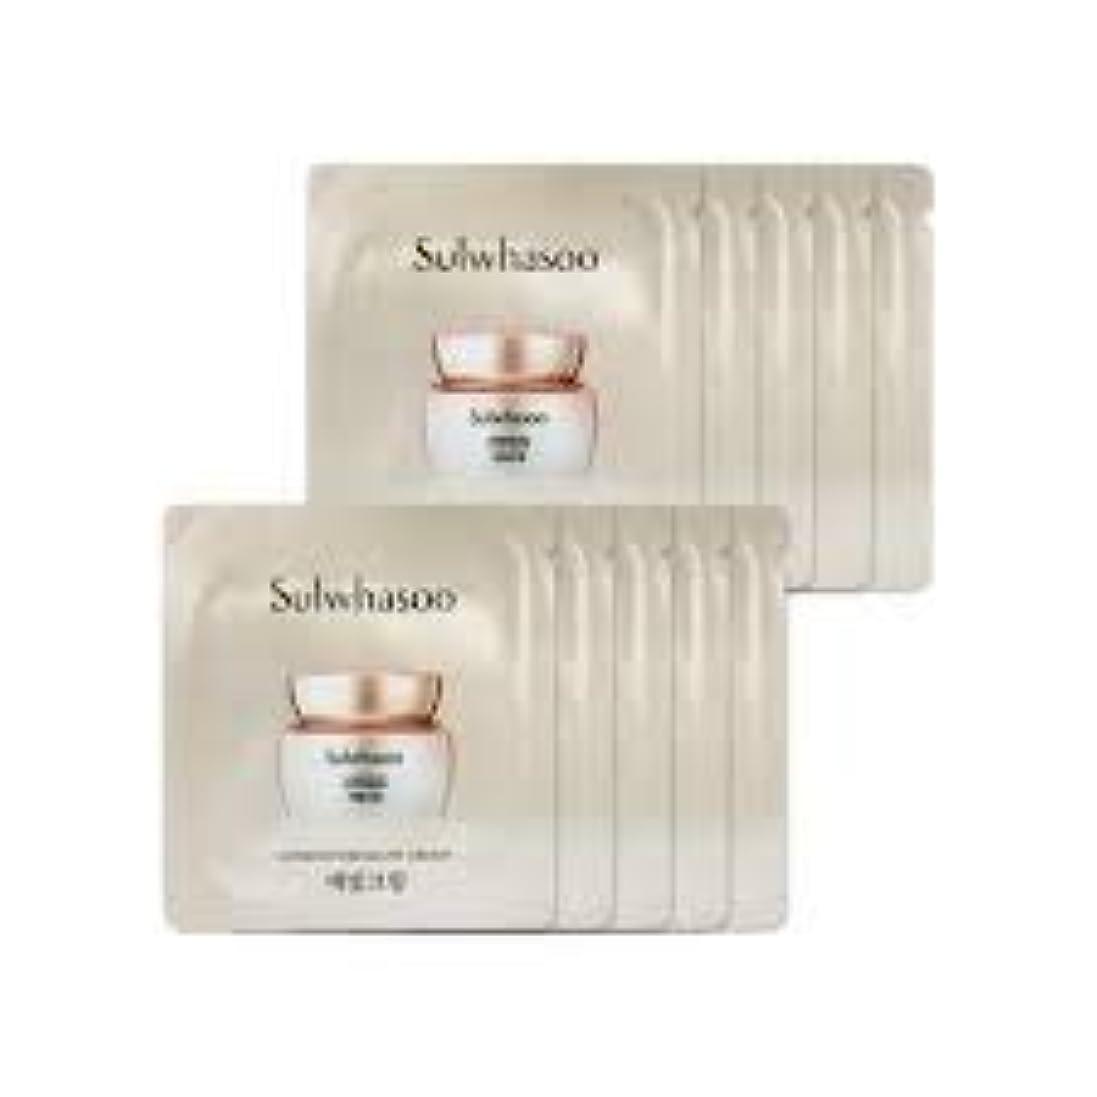 寄稿者コピーグローブ[ソルファス ] Sulwhasoo (雪花秀) ルミナチュアグロー Luminature Glow Cream 1ml x 30 (イェビトクリーム) [ShopMaster1]